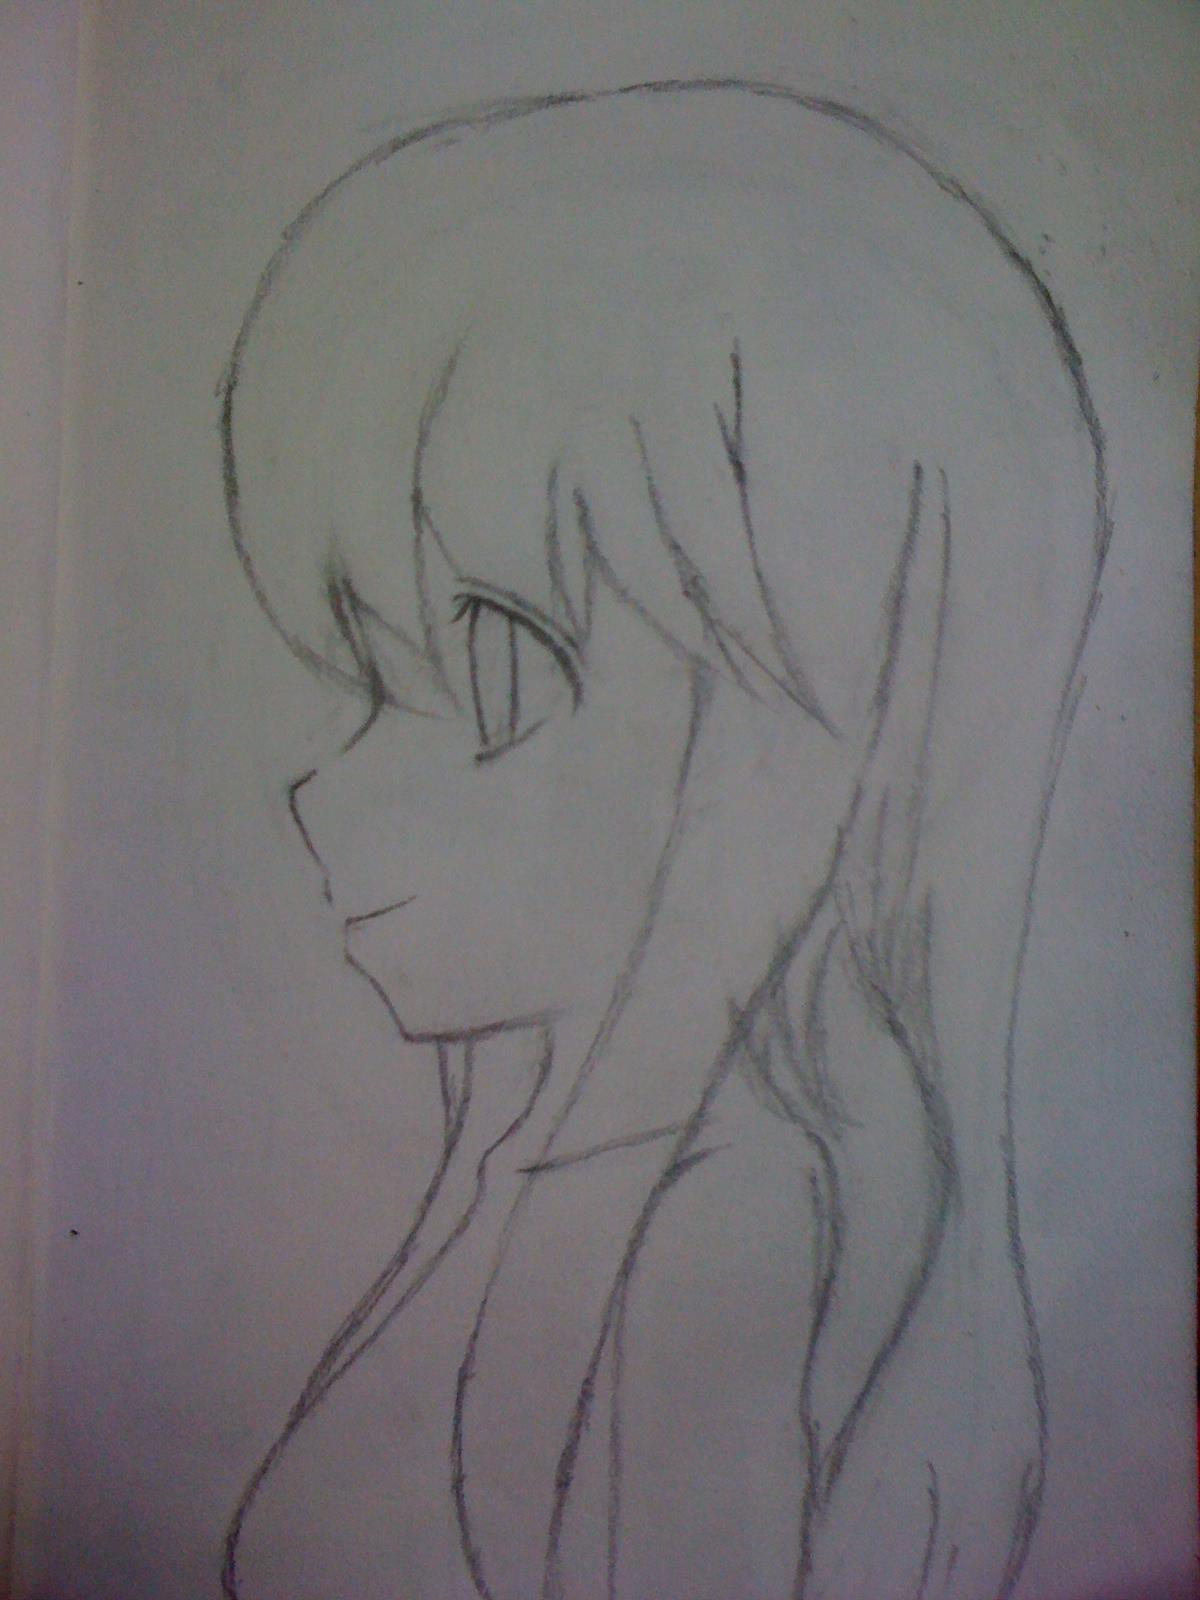 活泼少女头发铅笔画_活泼少女头发铅笔画分享展示